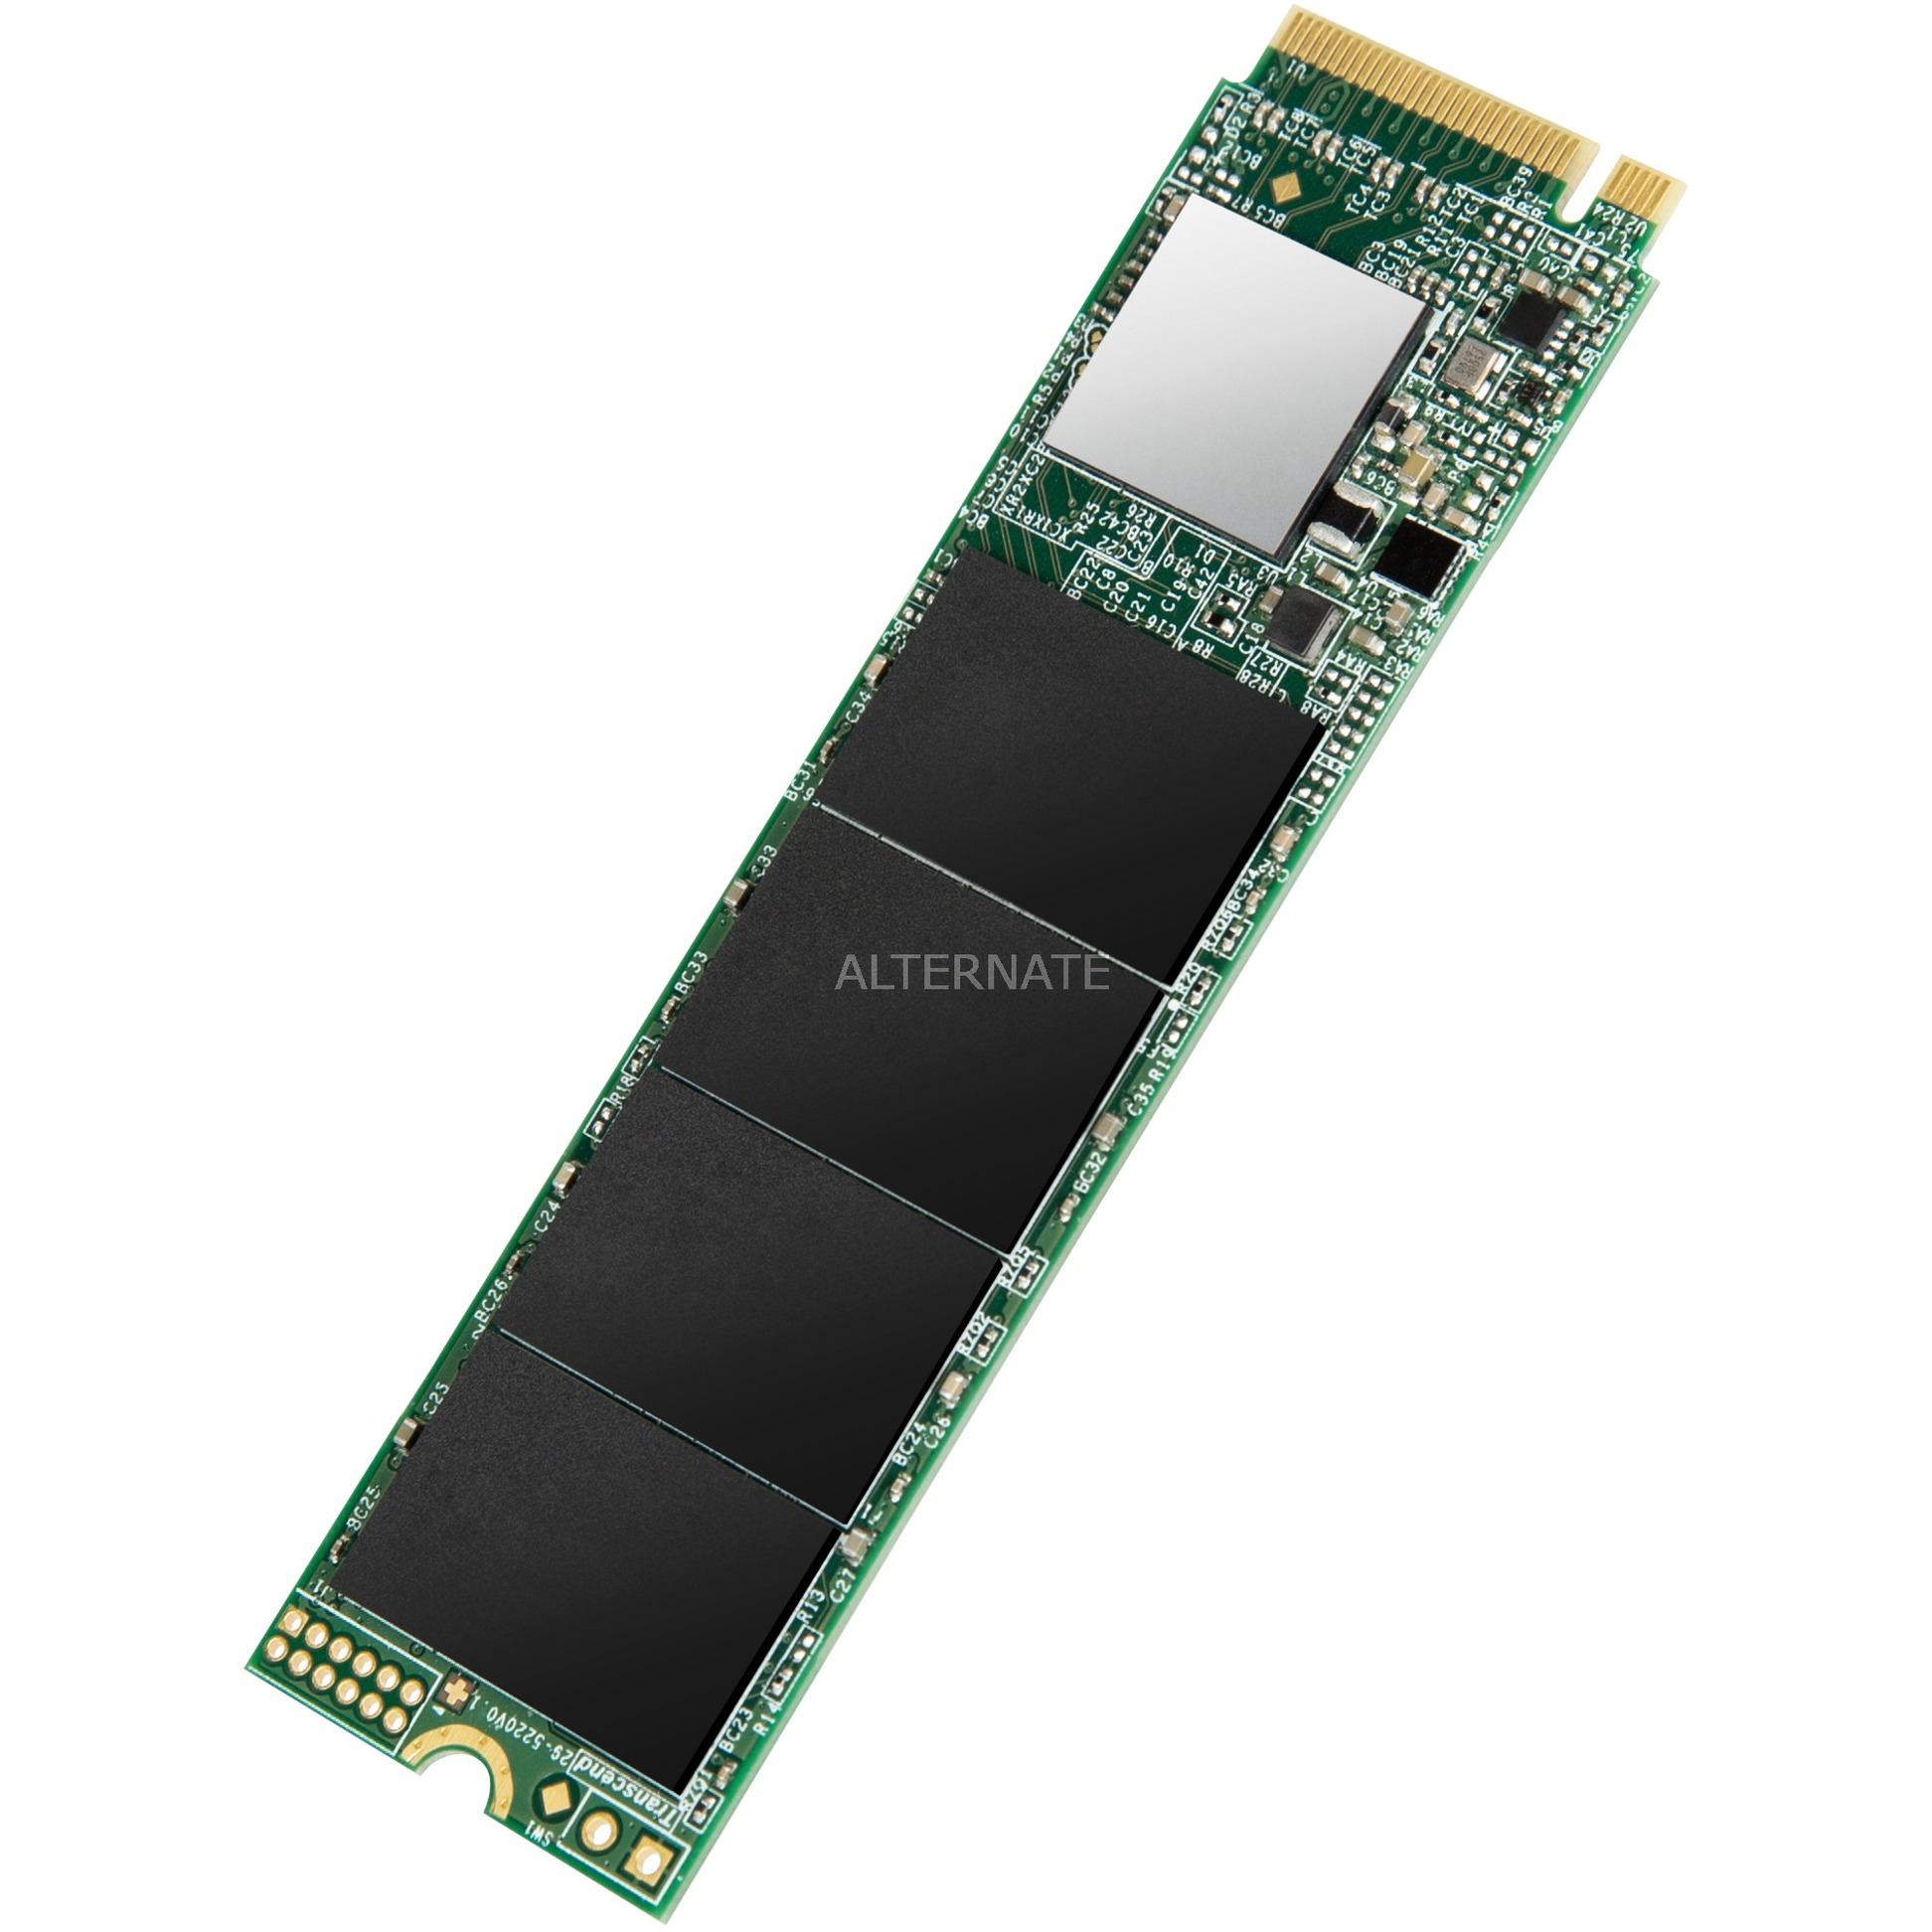 110S unidad de estado sólido M.2 512 GB PCI Express 3.0 3D TLC NVMe